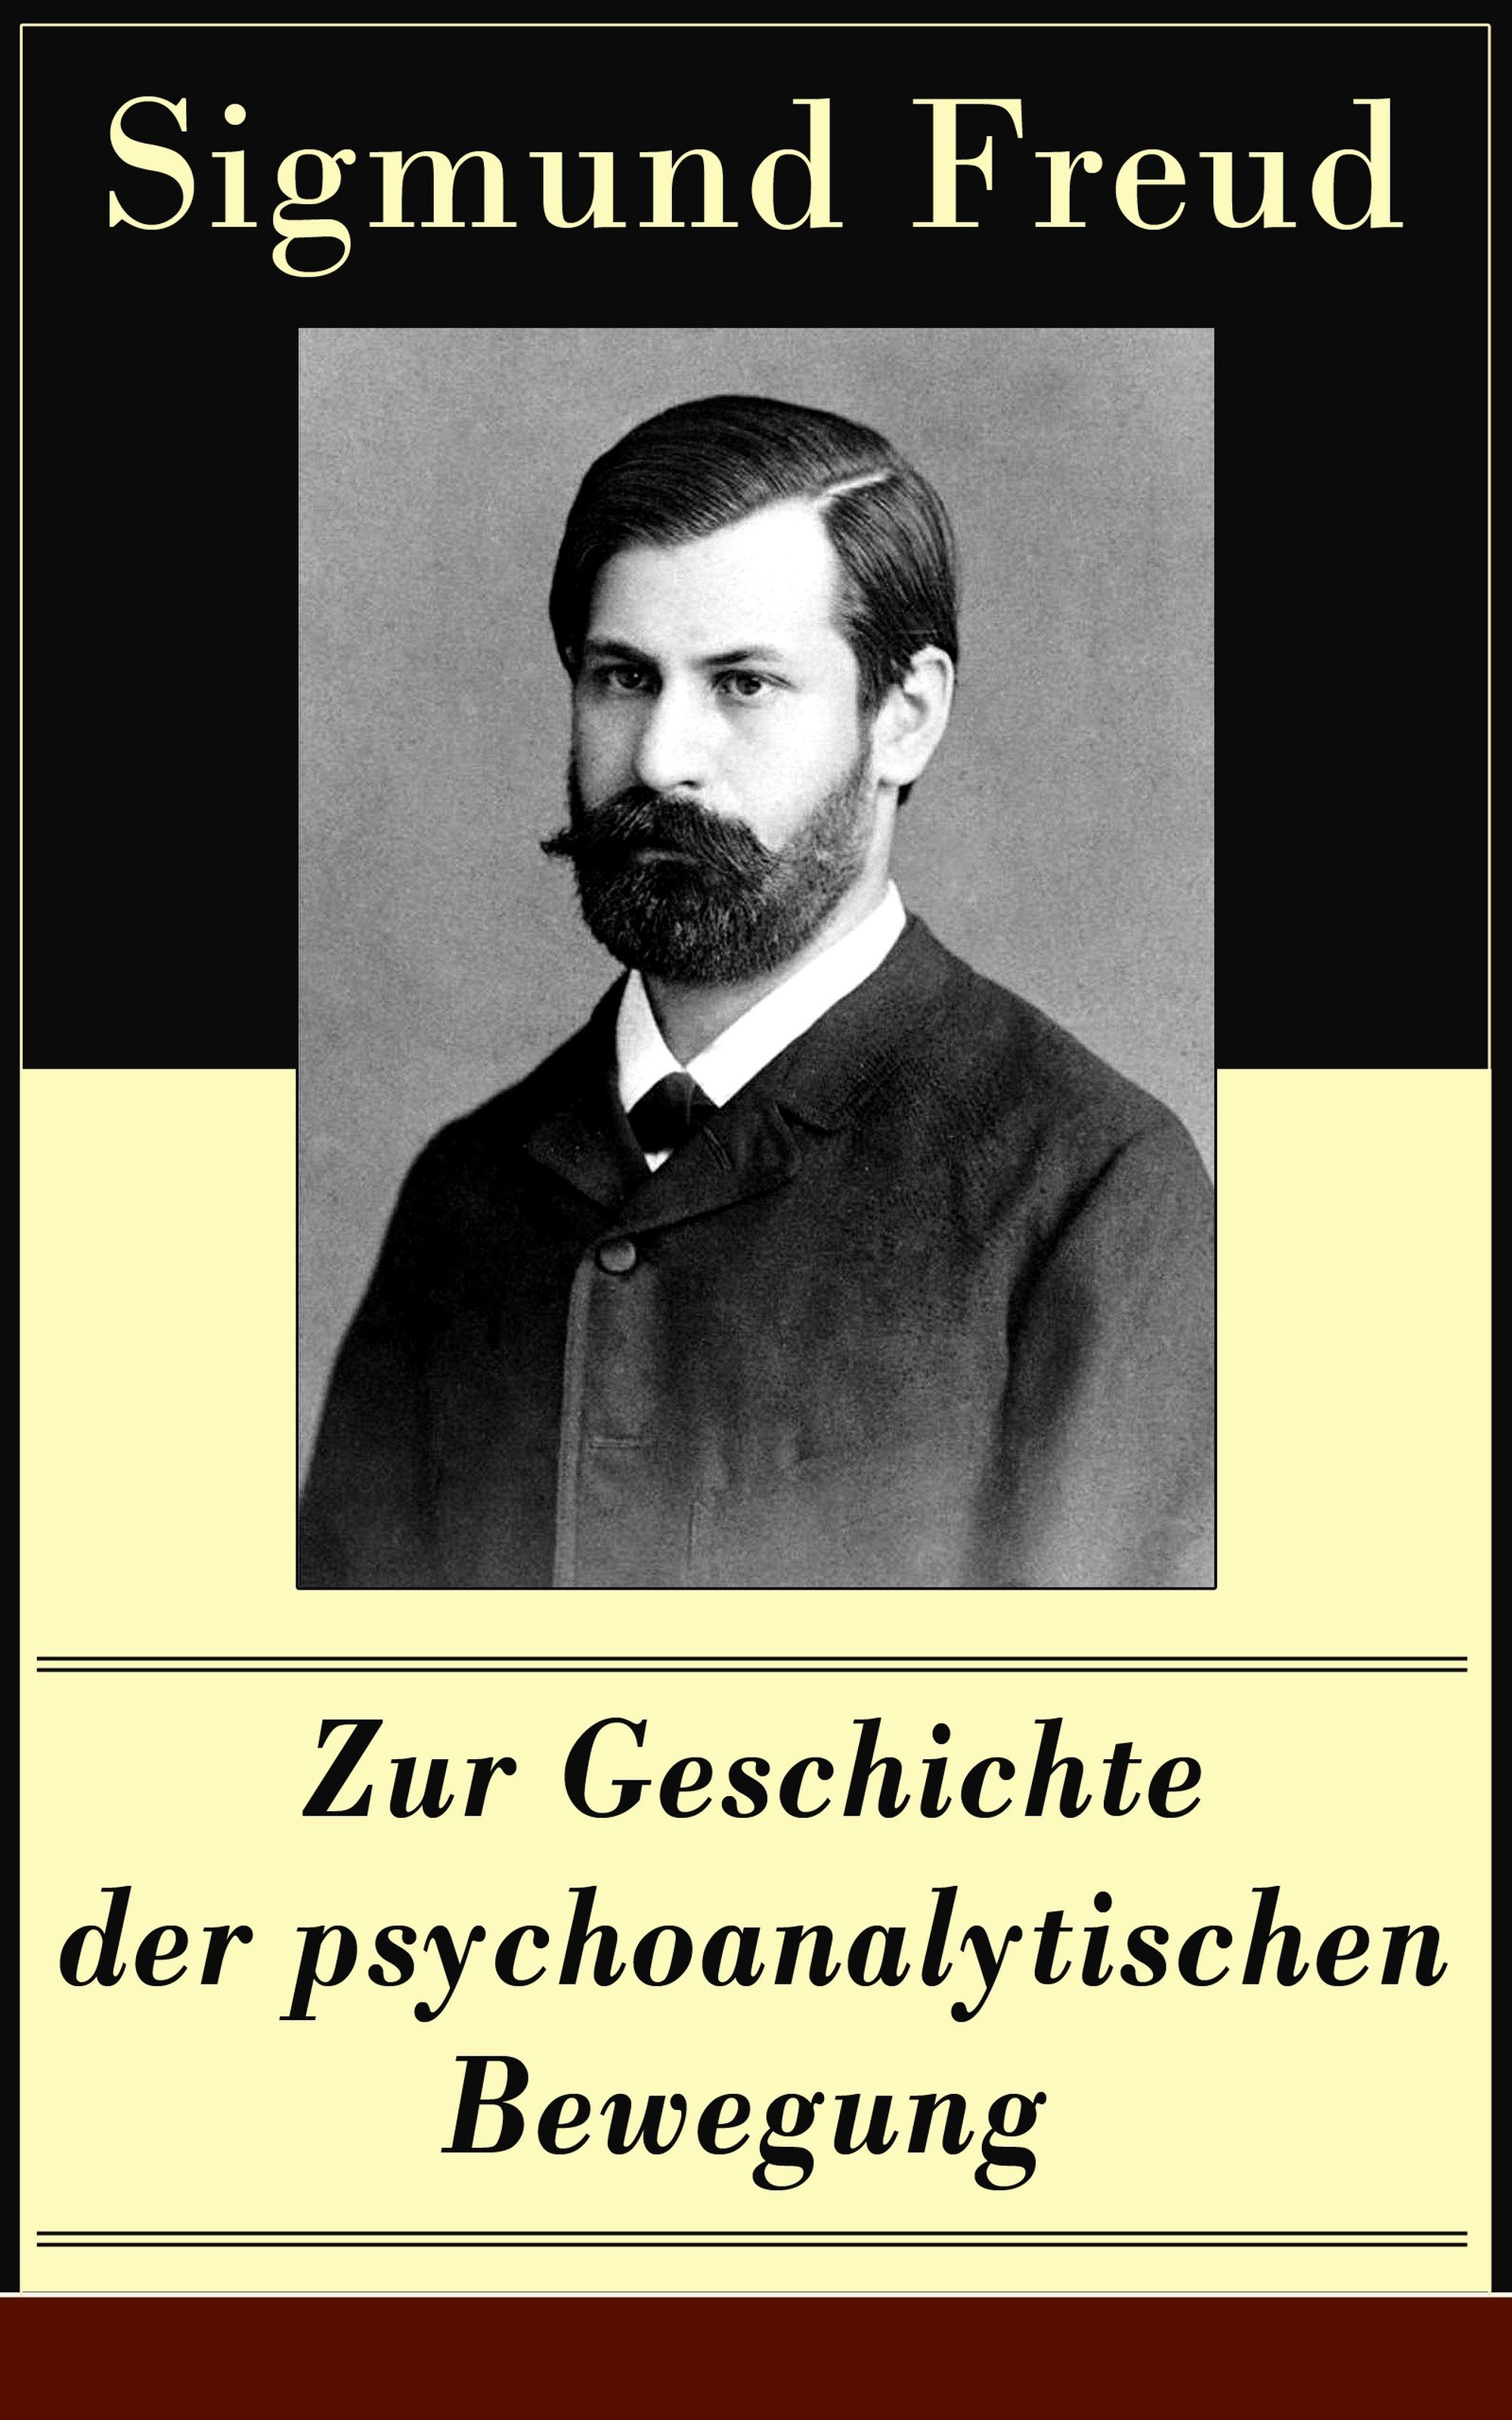 цены Sigmund Freud Zur Geschichte der psychoanalytischen Bewegung